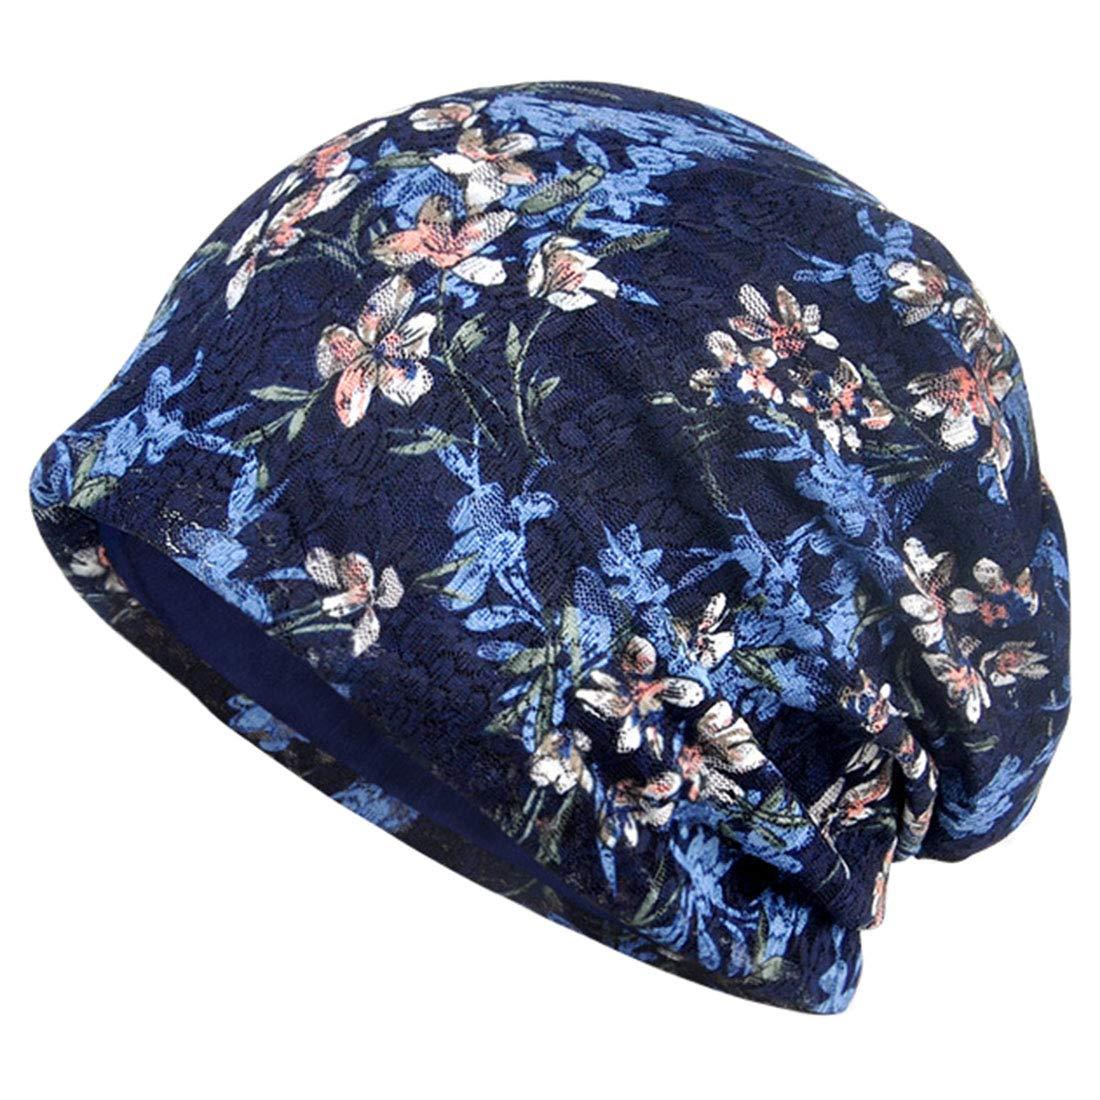 YONKINY Gorro Quimioterapia Para Mujer Verano Sombrero Algod/ón Transpirable Turbante Gorro Flor Impresi/ón Gorra De Noche Hip-Hop Slouch Beanie Hat Para Al Aire Libre Running